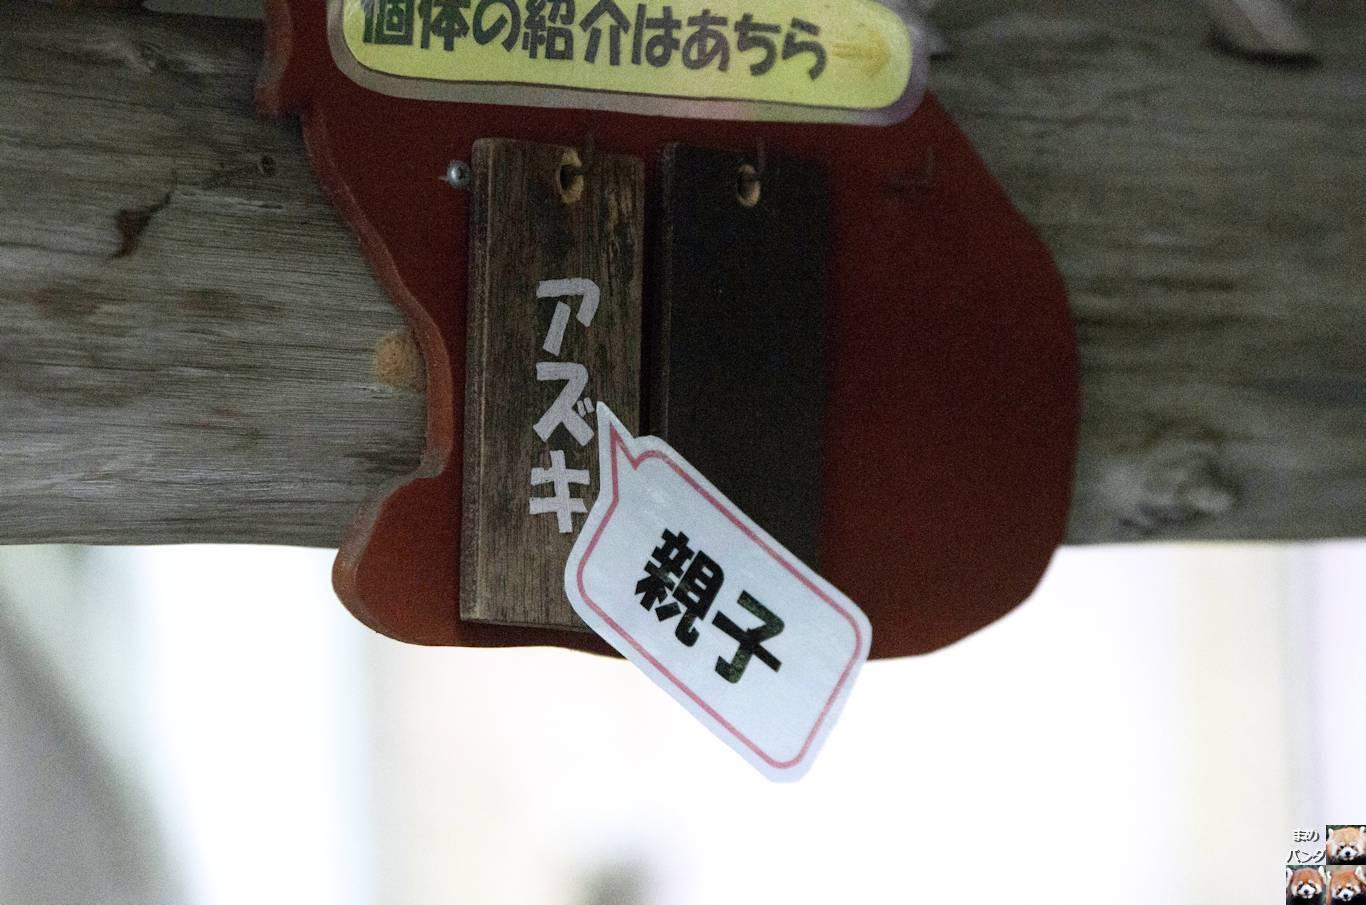 099_8069.jpg